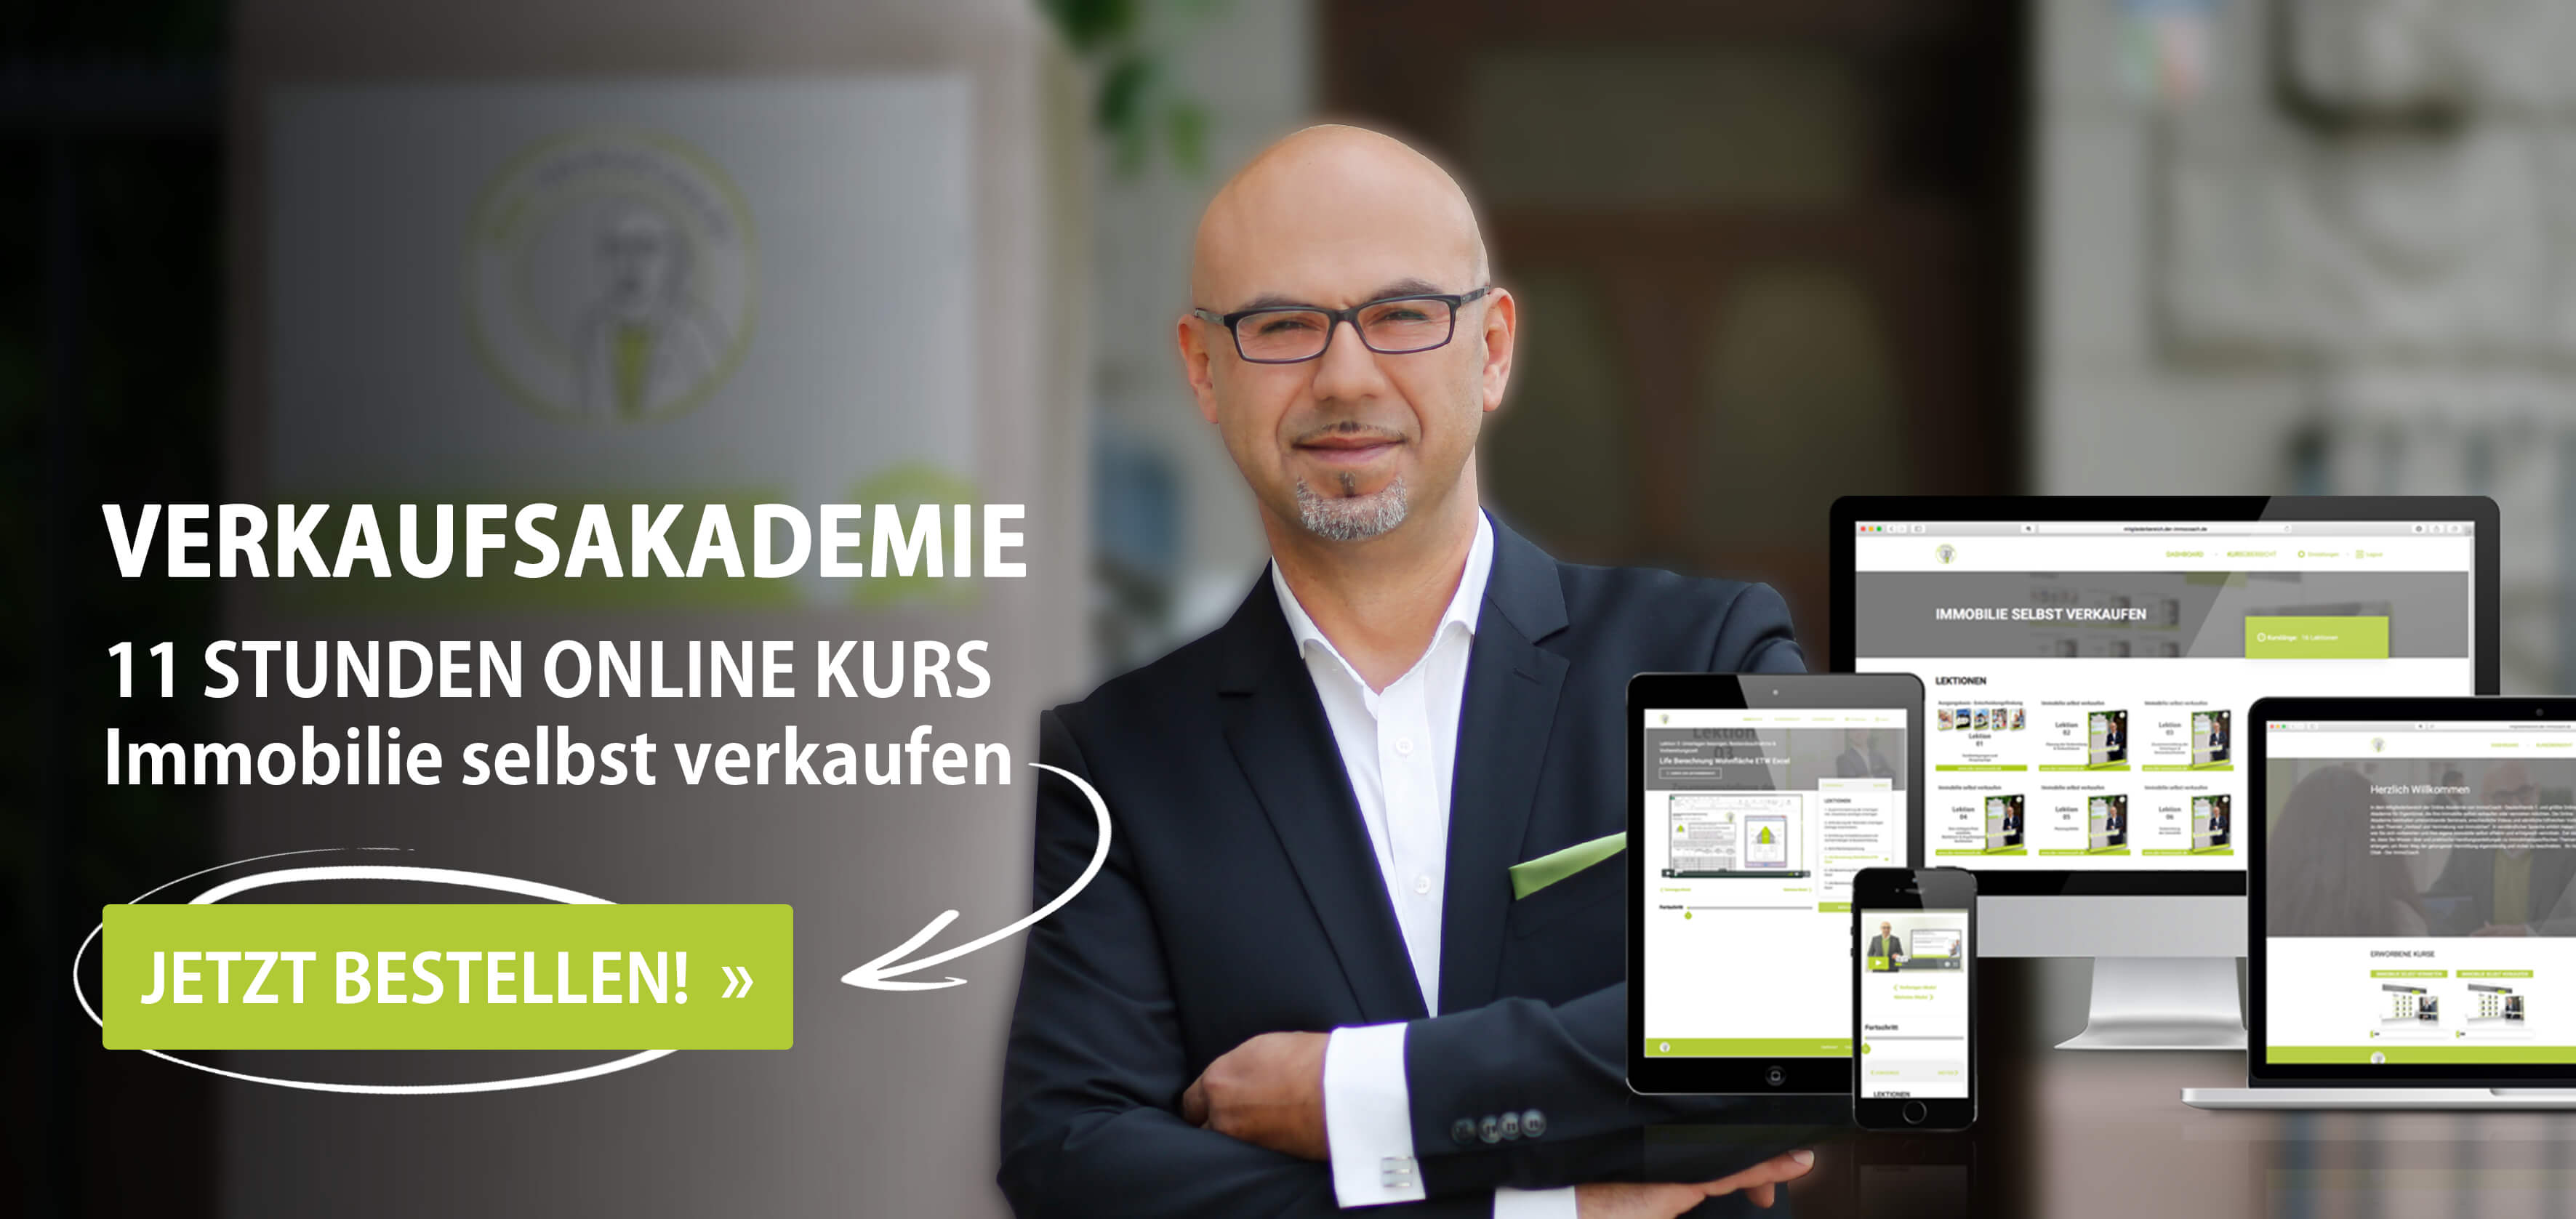 Online Kurs Immobilie selbst verkaufen